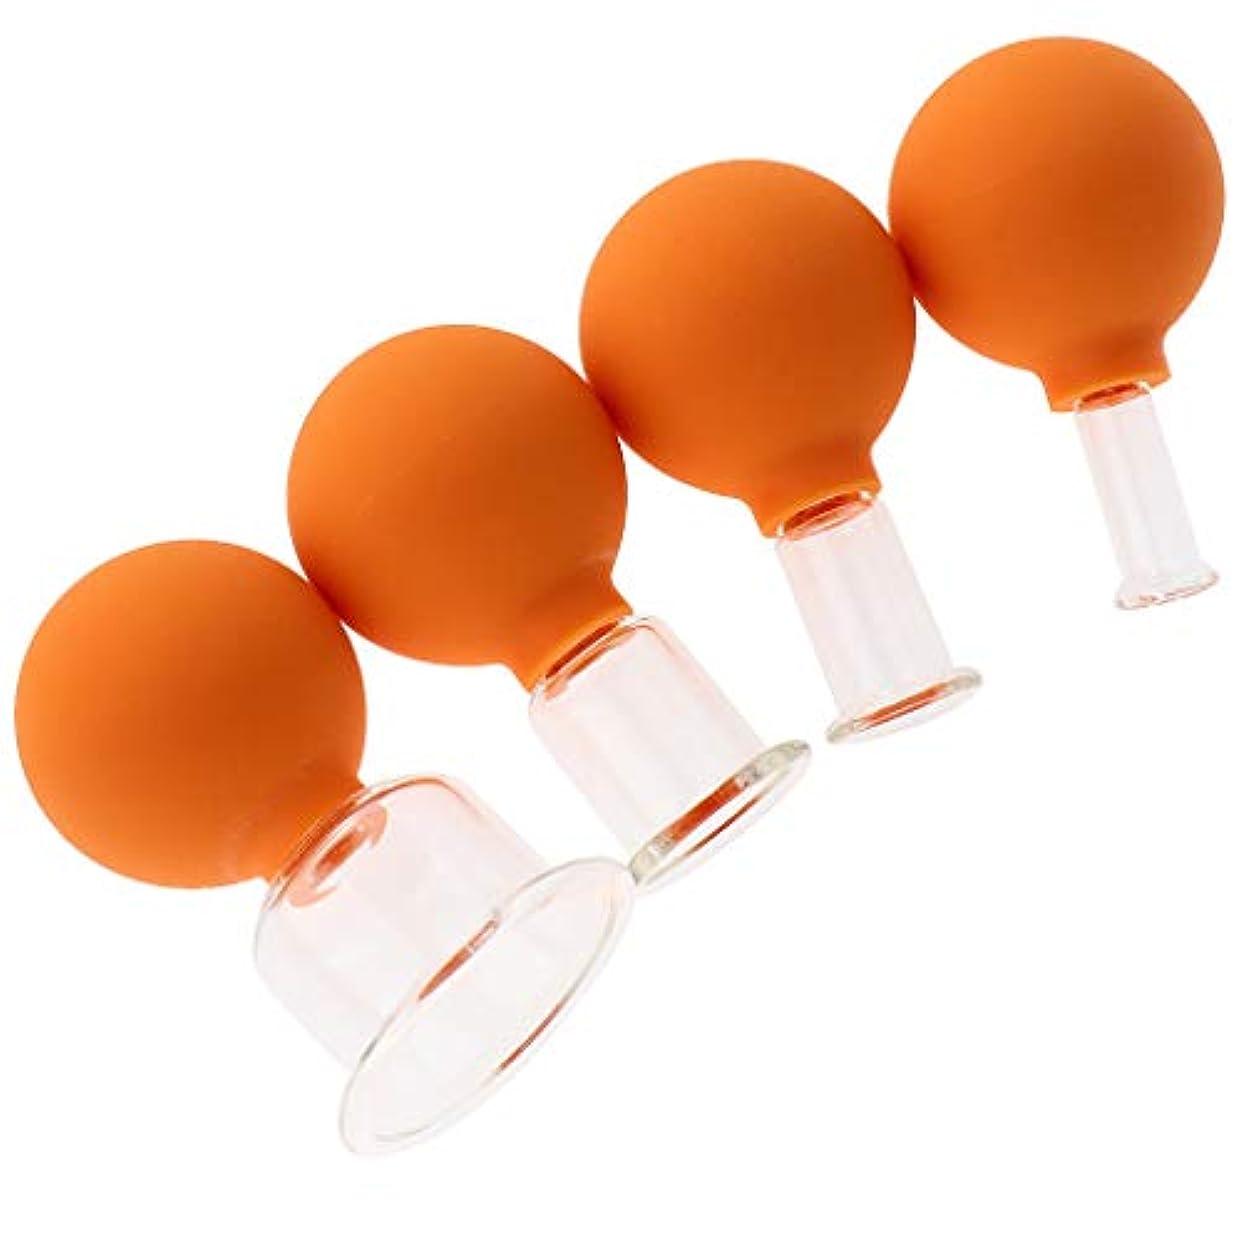 患者不忠権限を与えるKESOTO 4個 マッサージ吸い玉 カッピングカップ ガラスカッピング 真空 男女兼用 実用的 全3色 - オレンジ